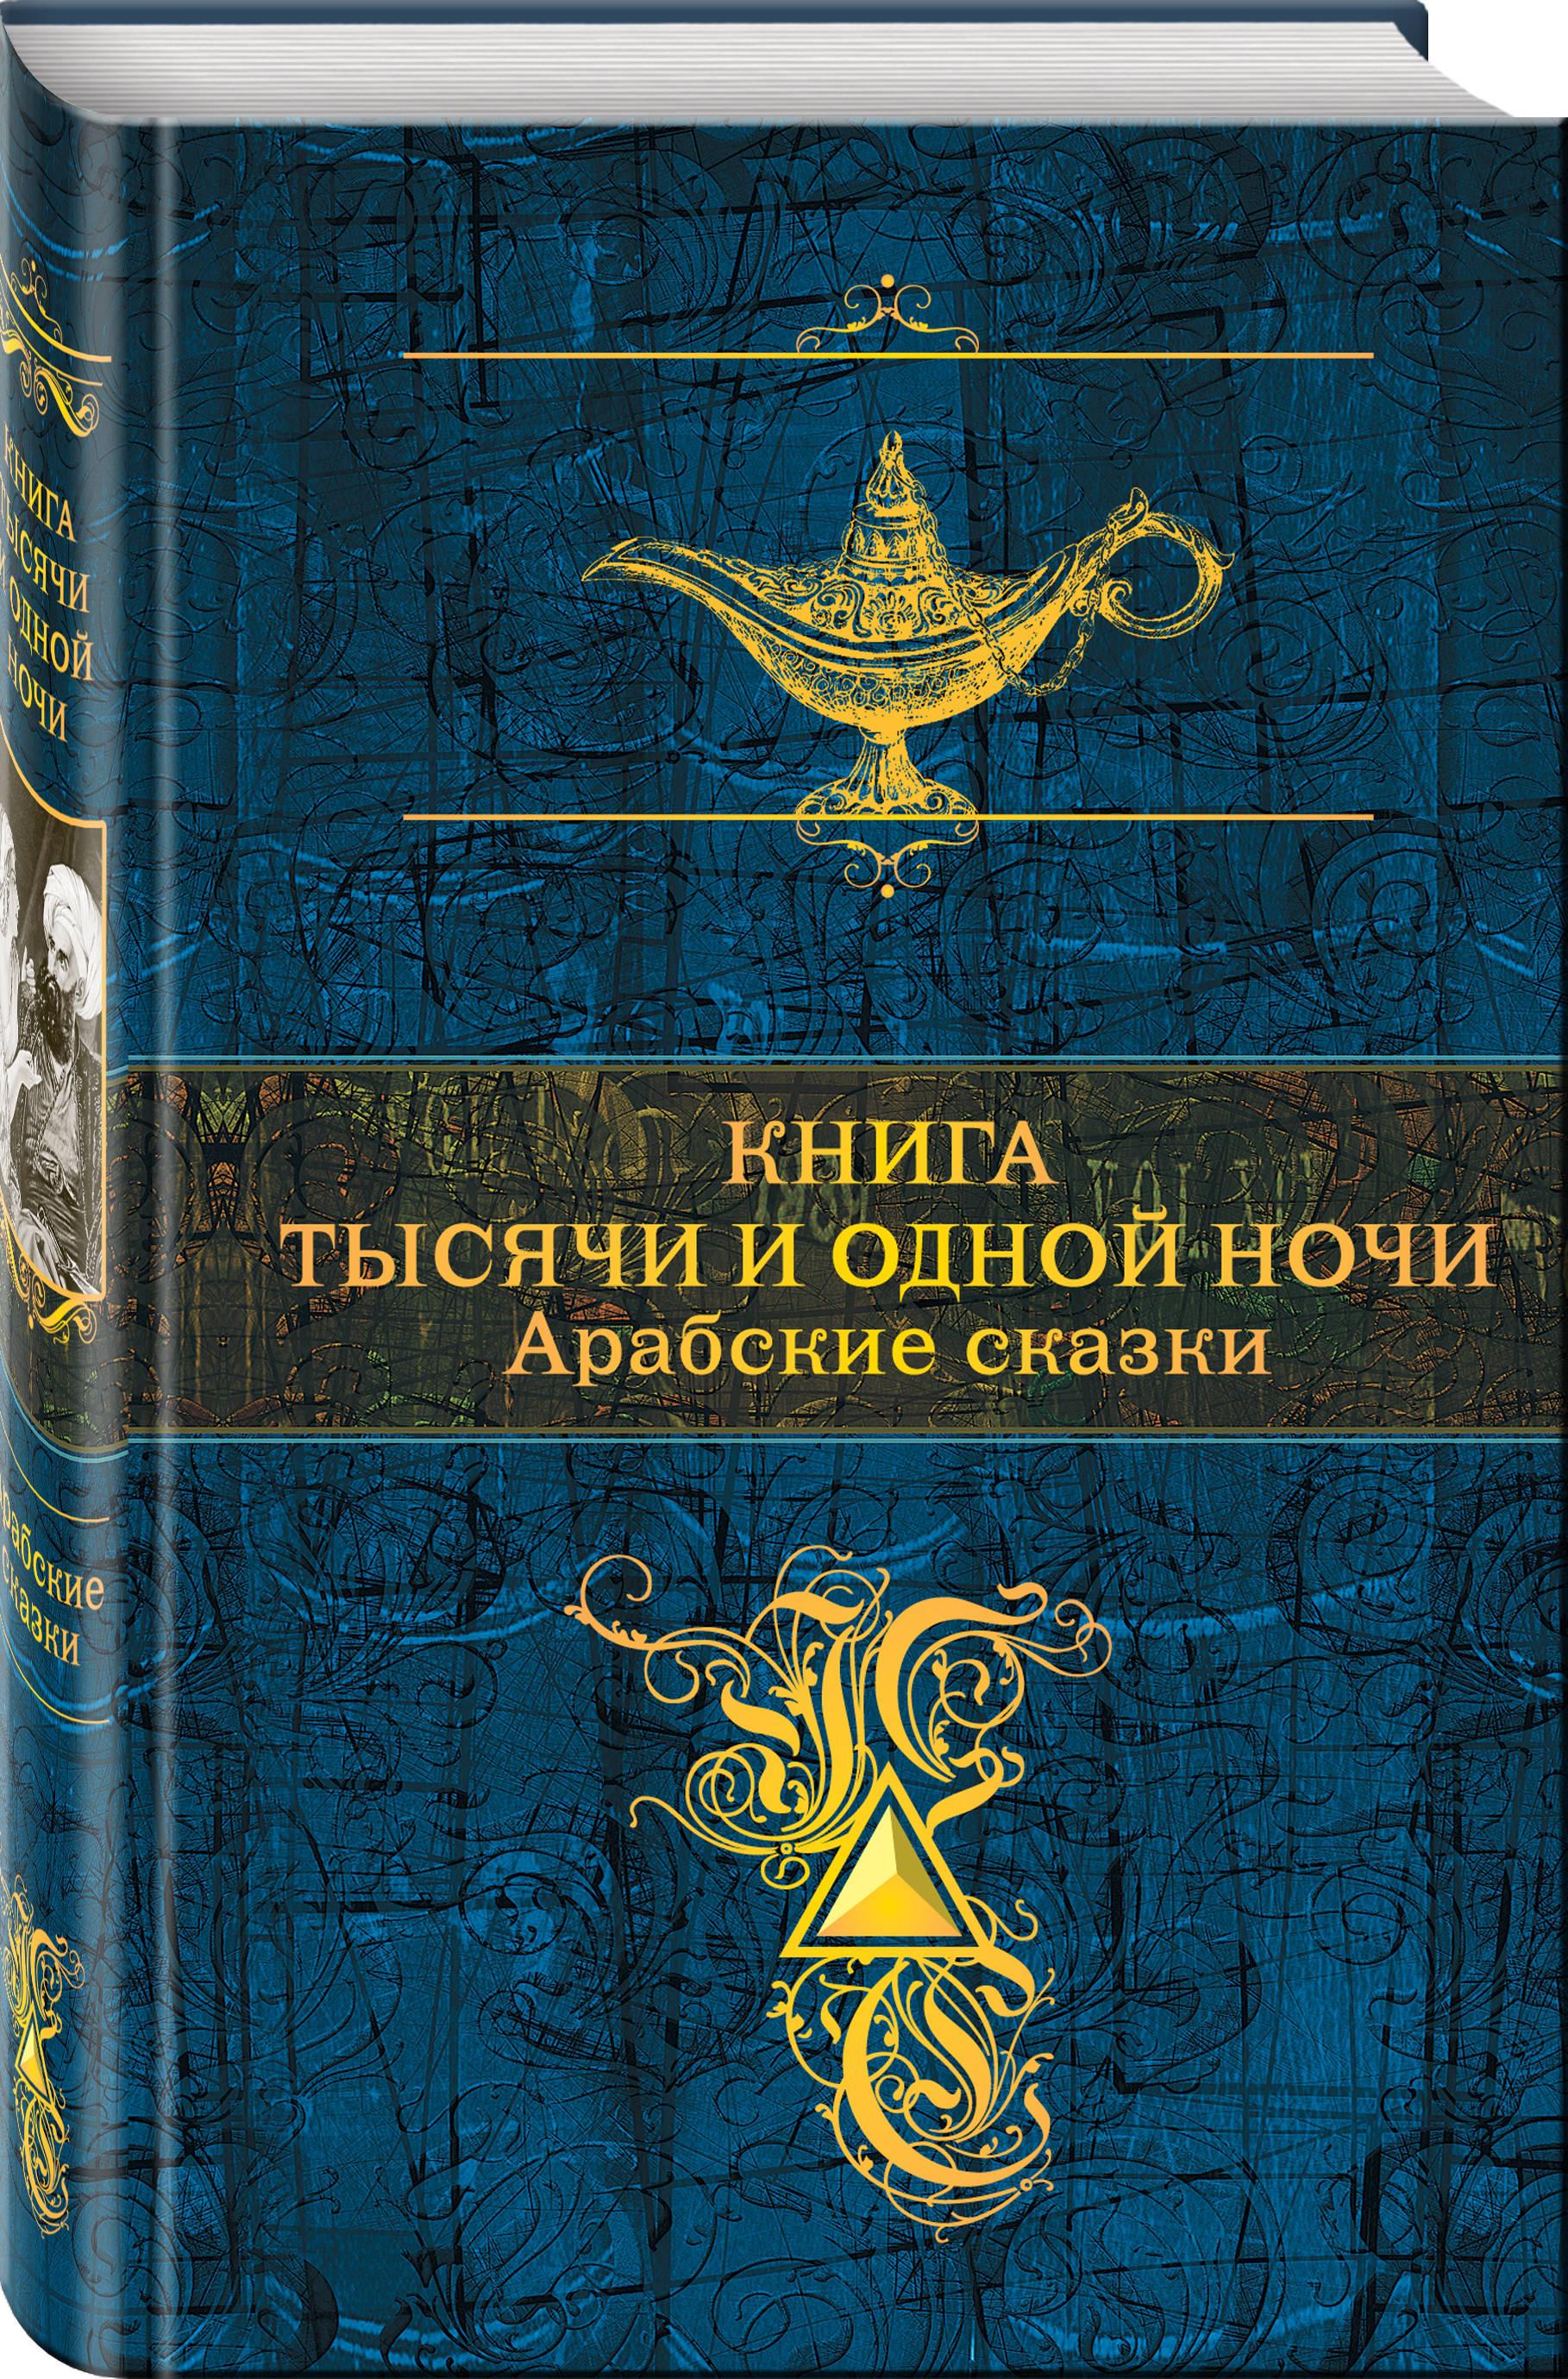 Салье М.А. (пер.) Книга тысячи и одной ночи. Арабские сказки салье м пер арабские сказки книга тысячи и одной ночи том второй